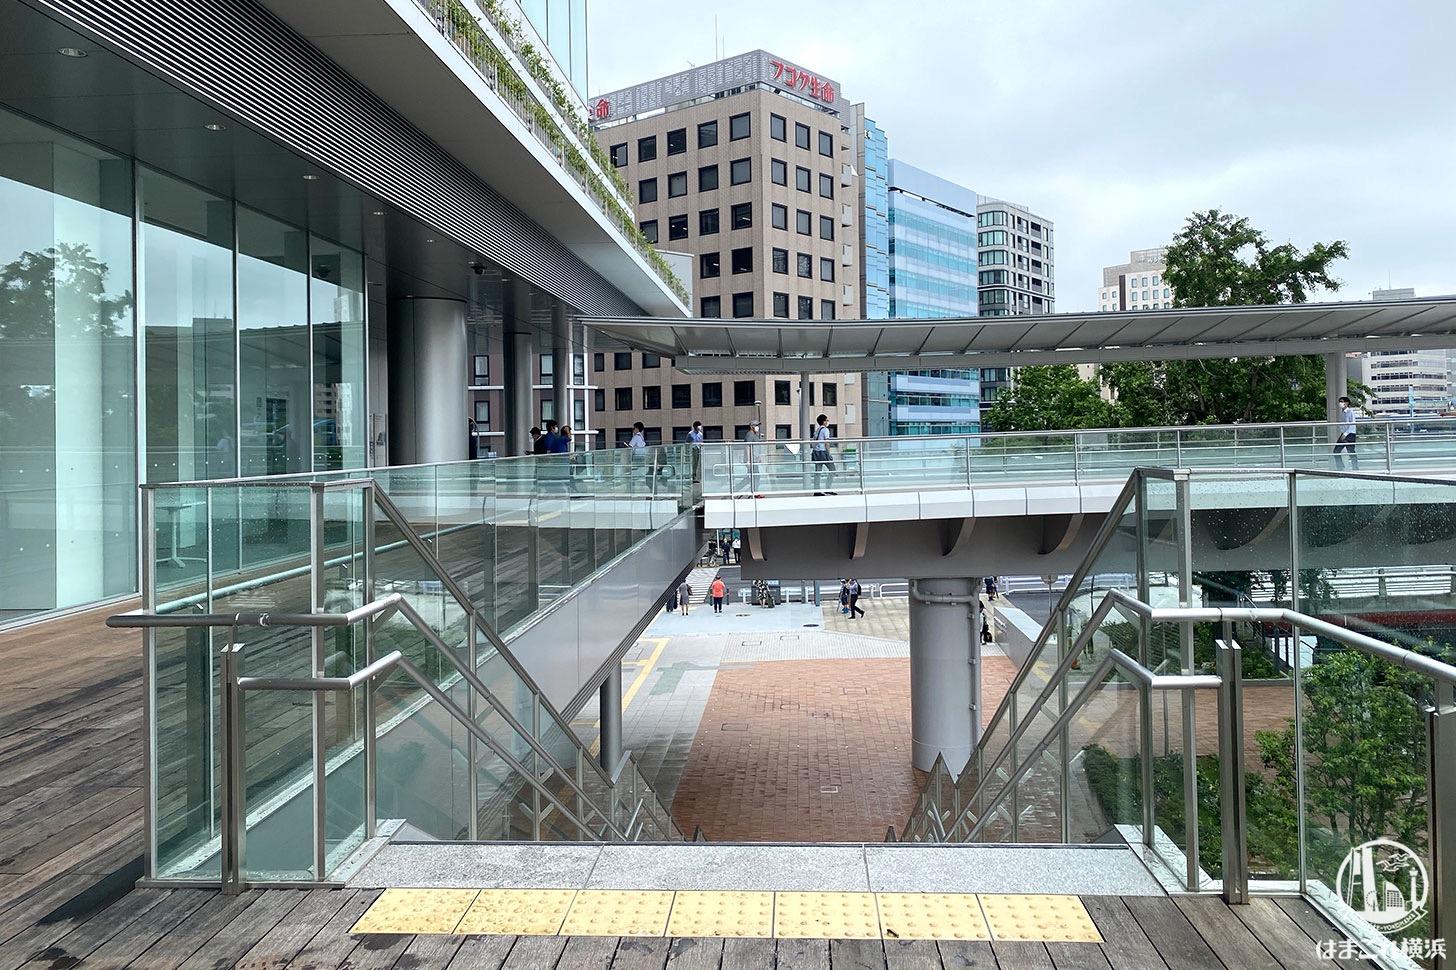 横浜市庁舎 歩行者デッキ